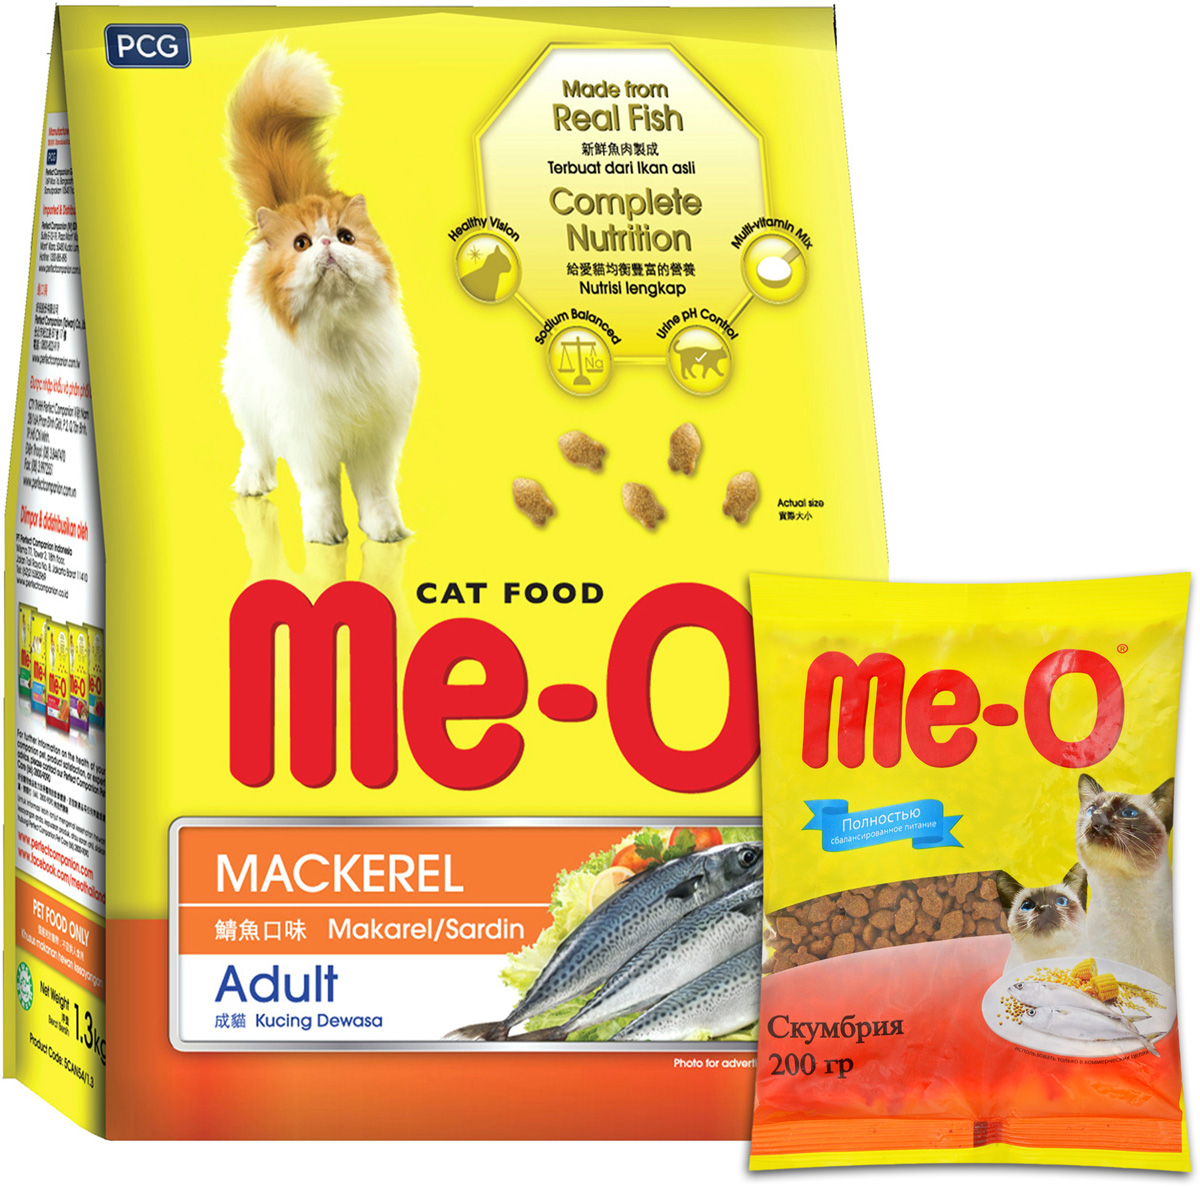 Корм сухой для кошек и котов PCG Ме-О, скумбрия, 200 г, 35 шт паучи для кошек и котов pcg ме о сардина с курицей и рисом в желе 80 г